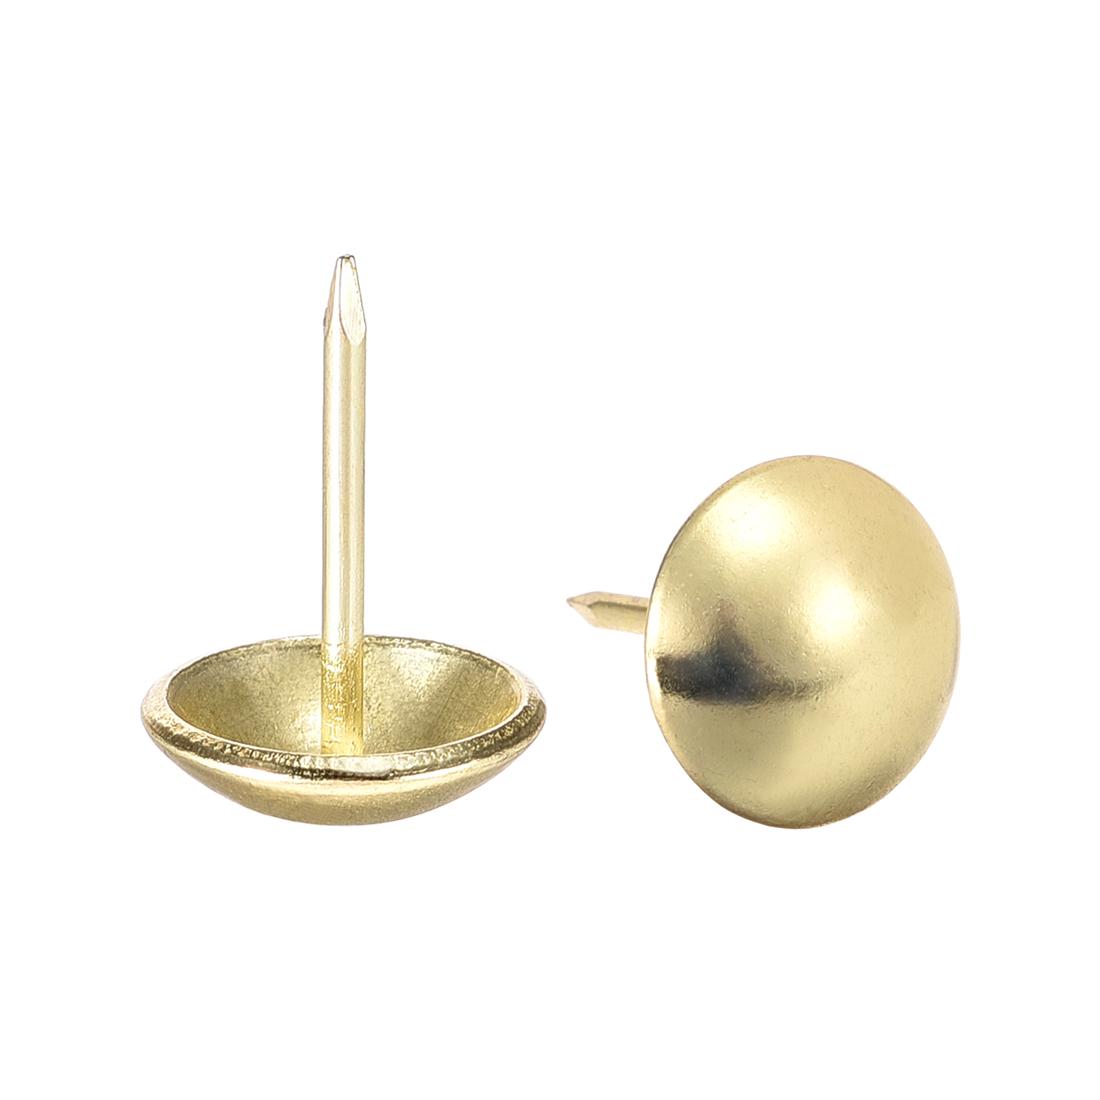 Upholstery Nails Tacks 14mm Dia 20mm Height Round Thumb Pins Gold Tone 50 Pcs